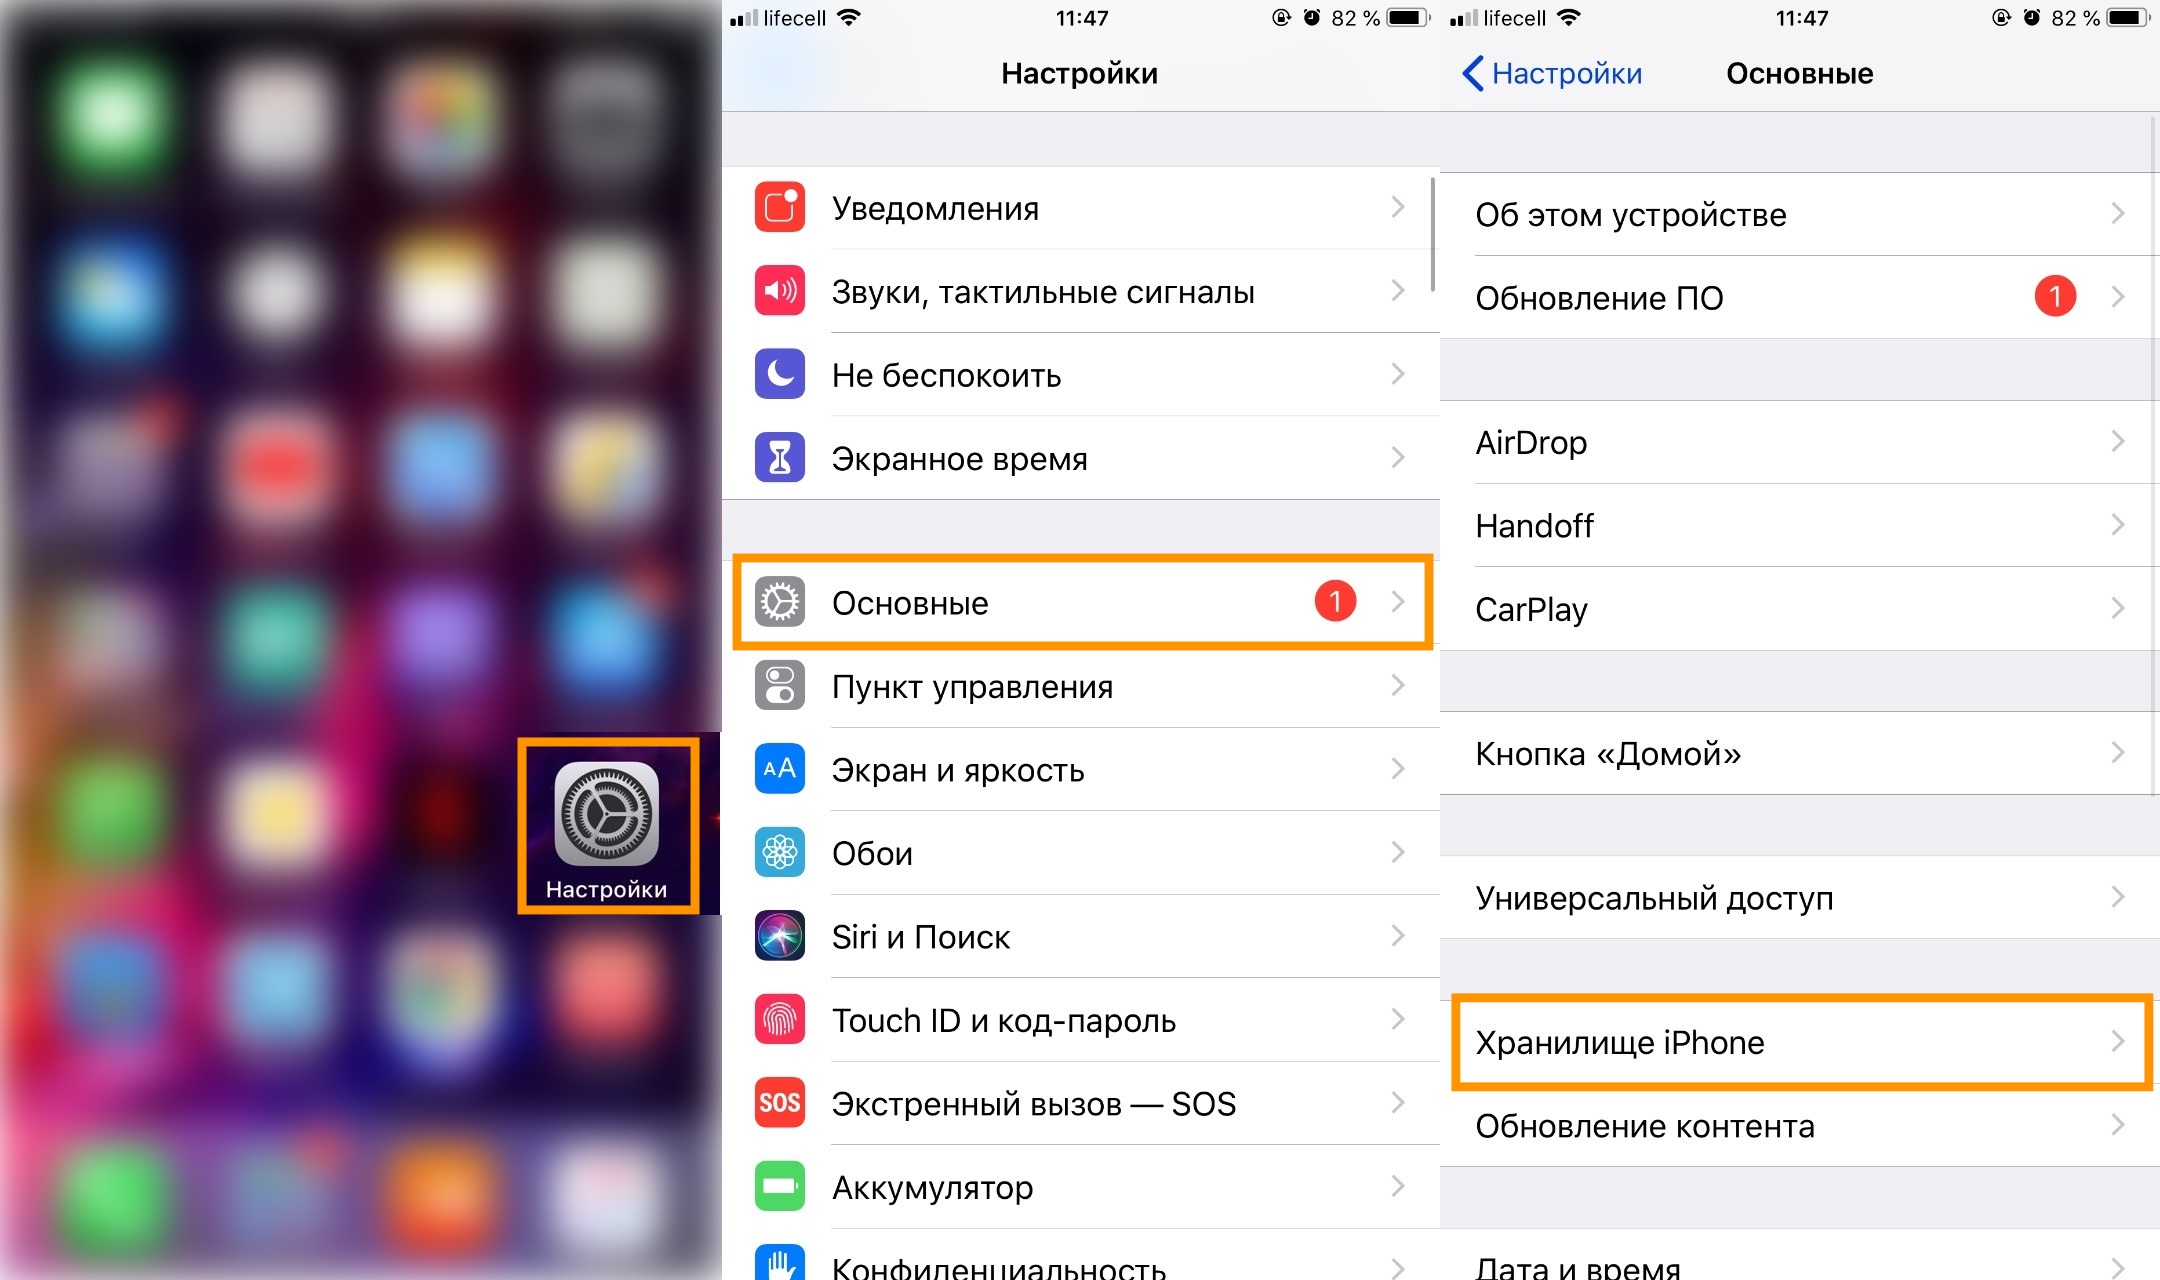 Настройки-Основные-Хранилище-iPhone